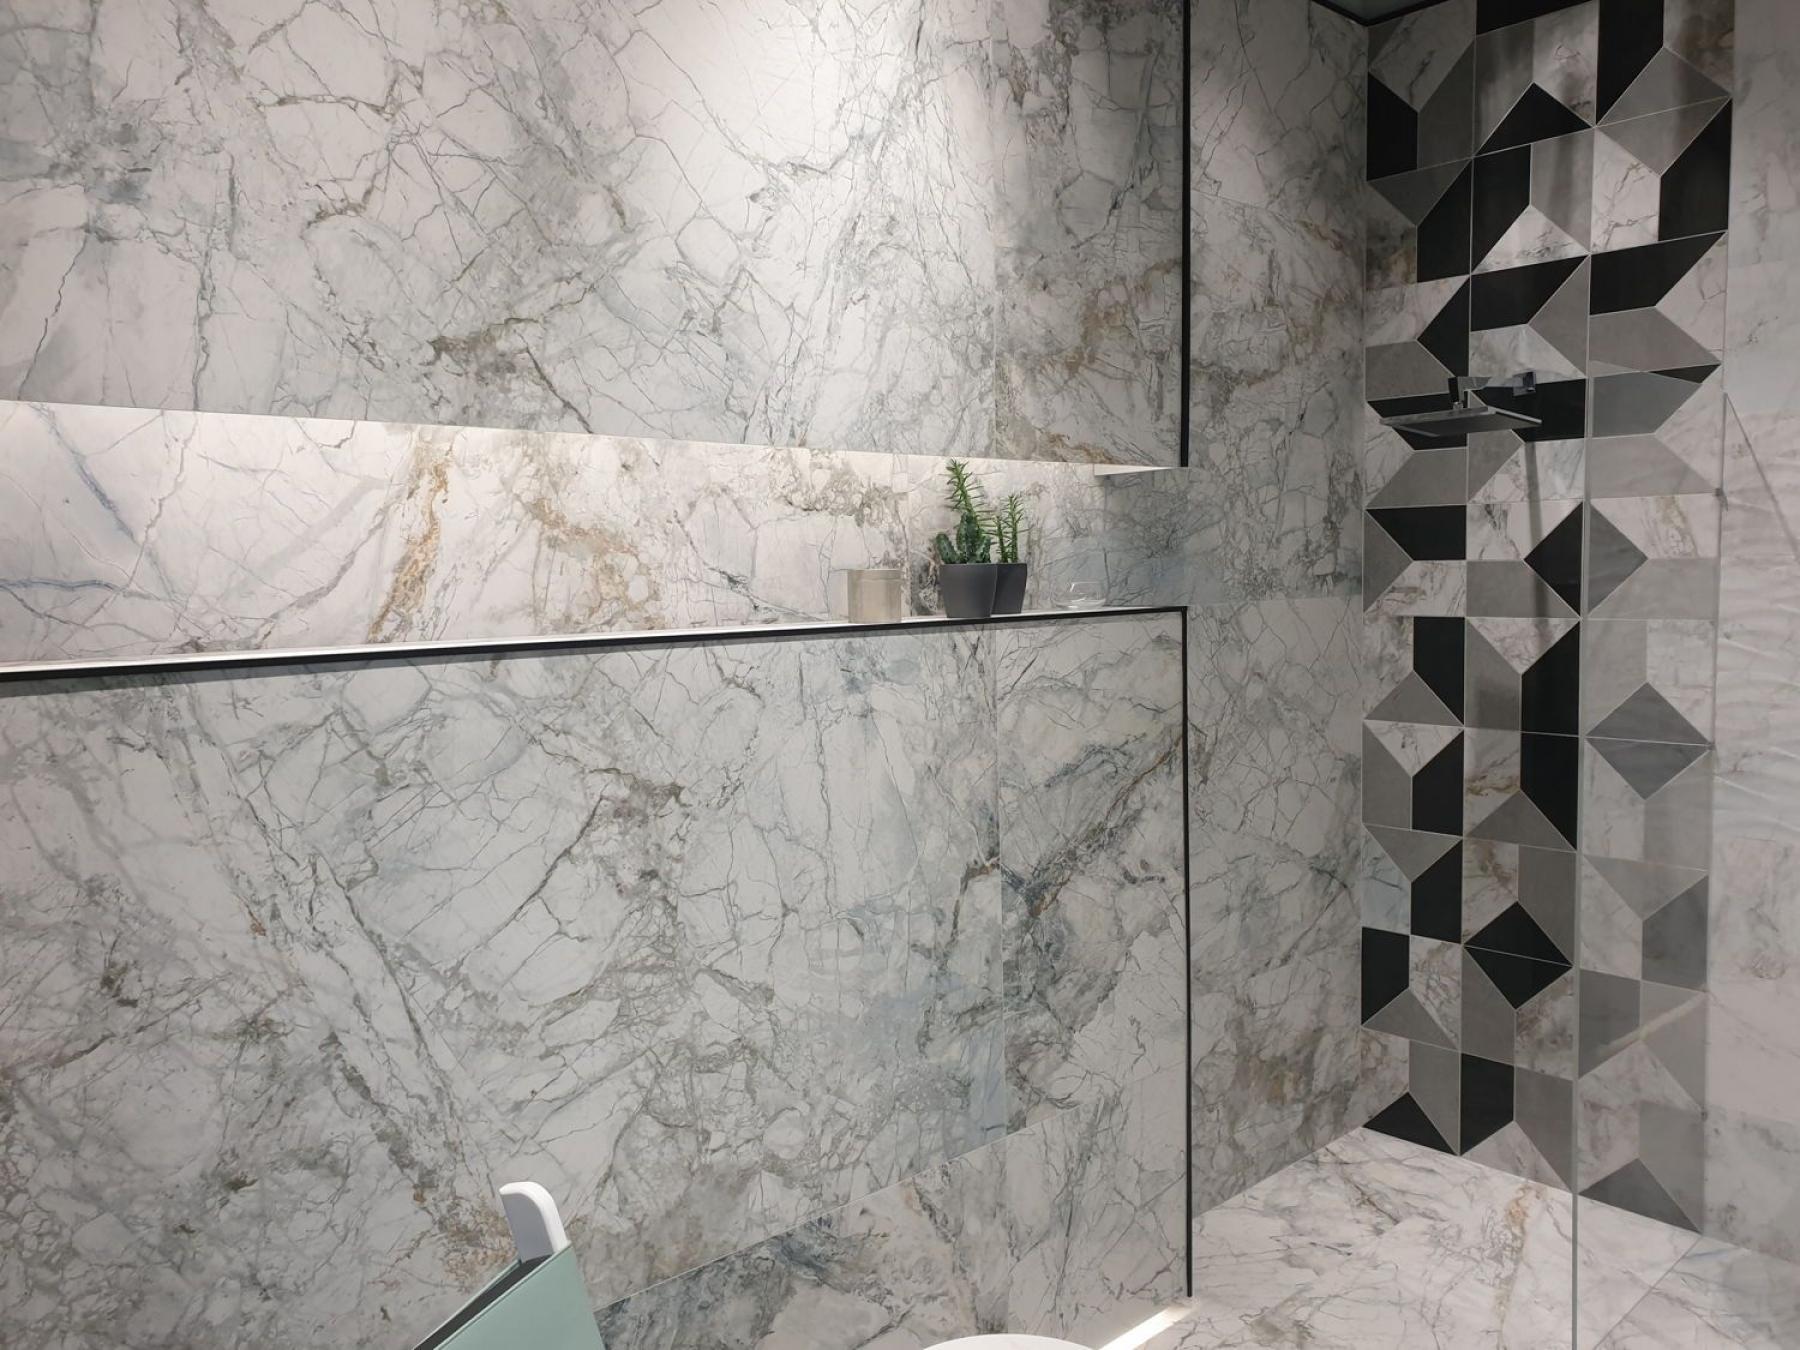 Aranżacja łazienki z wielkoformatowymi płytkami imitującymi naturalny kamień Peronda Supreme White 100x180